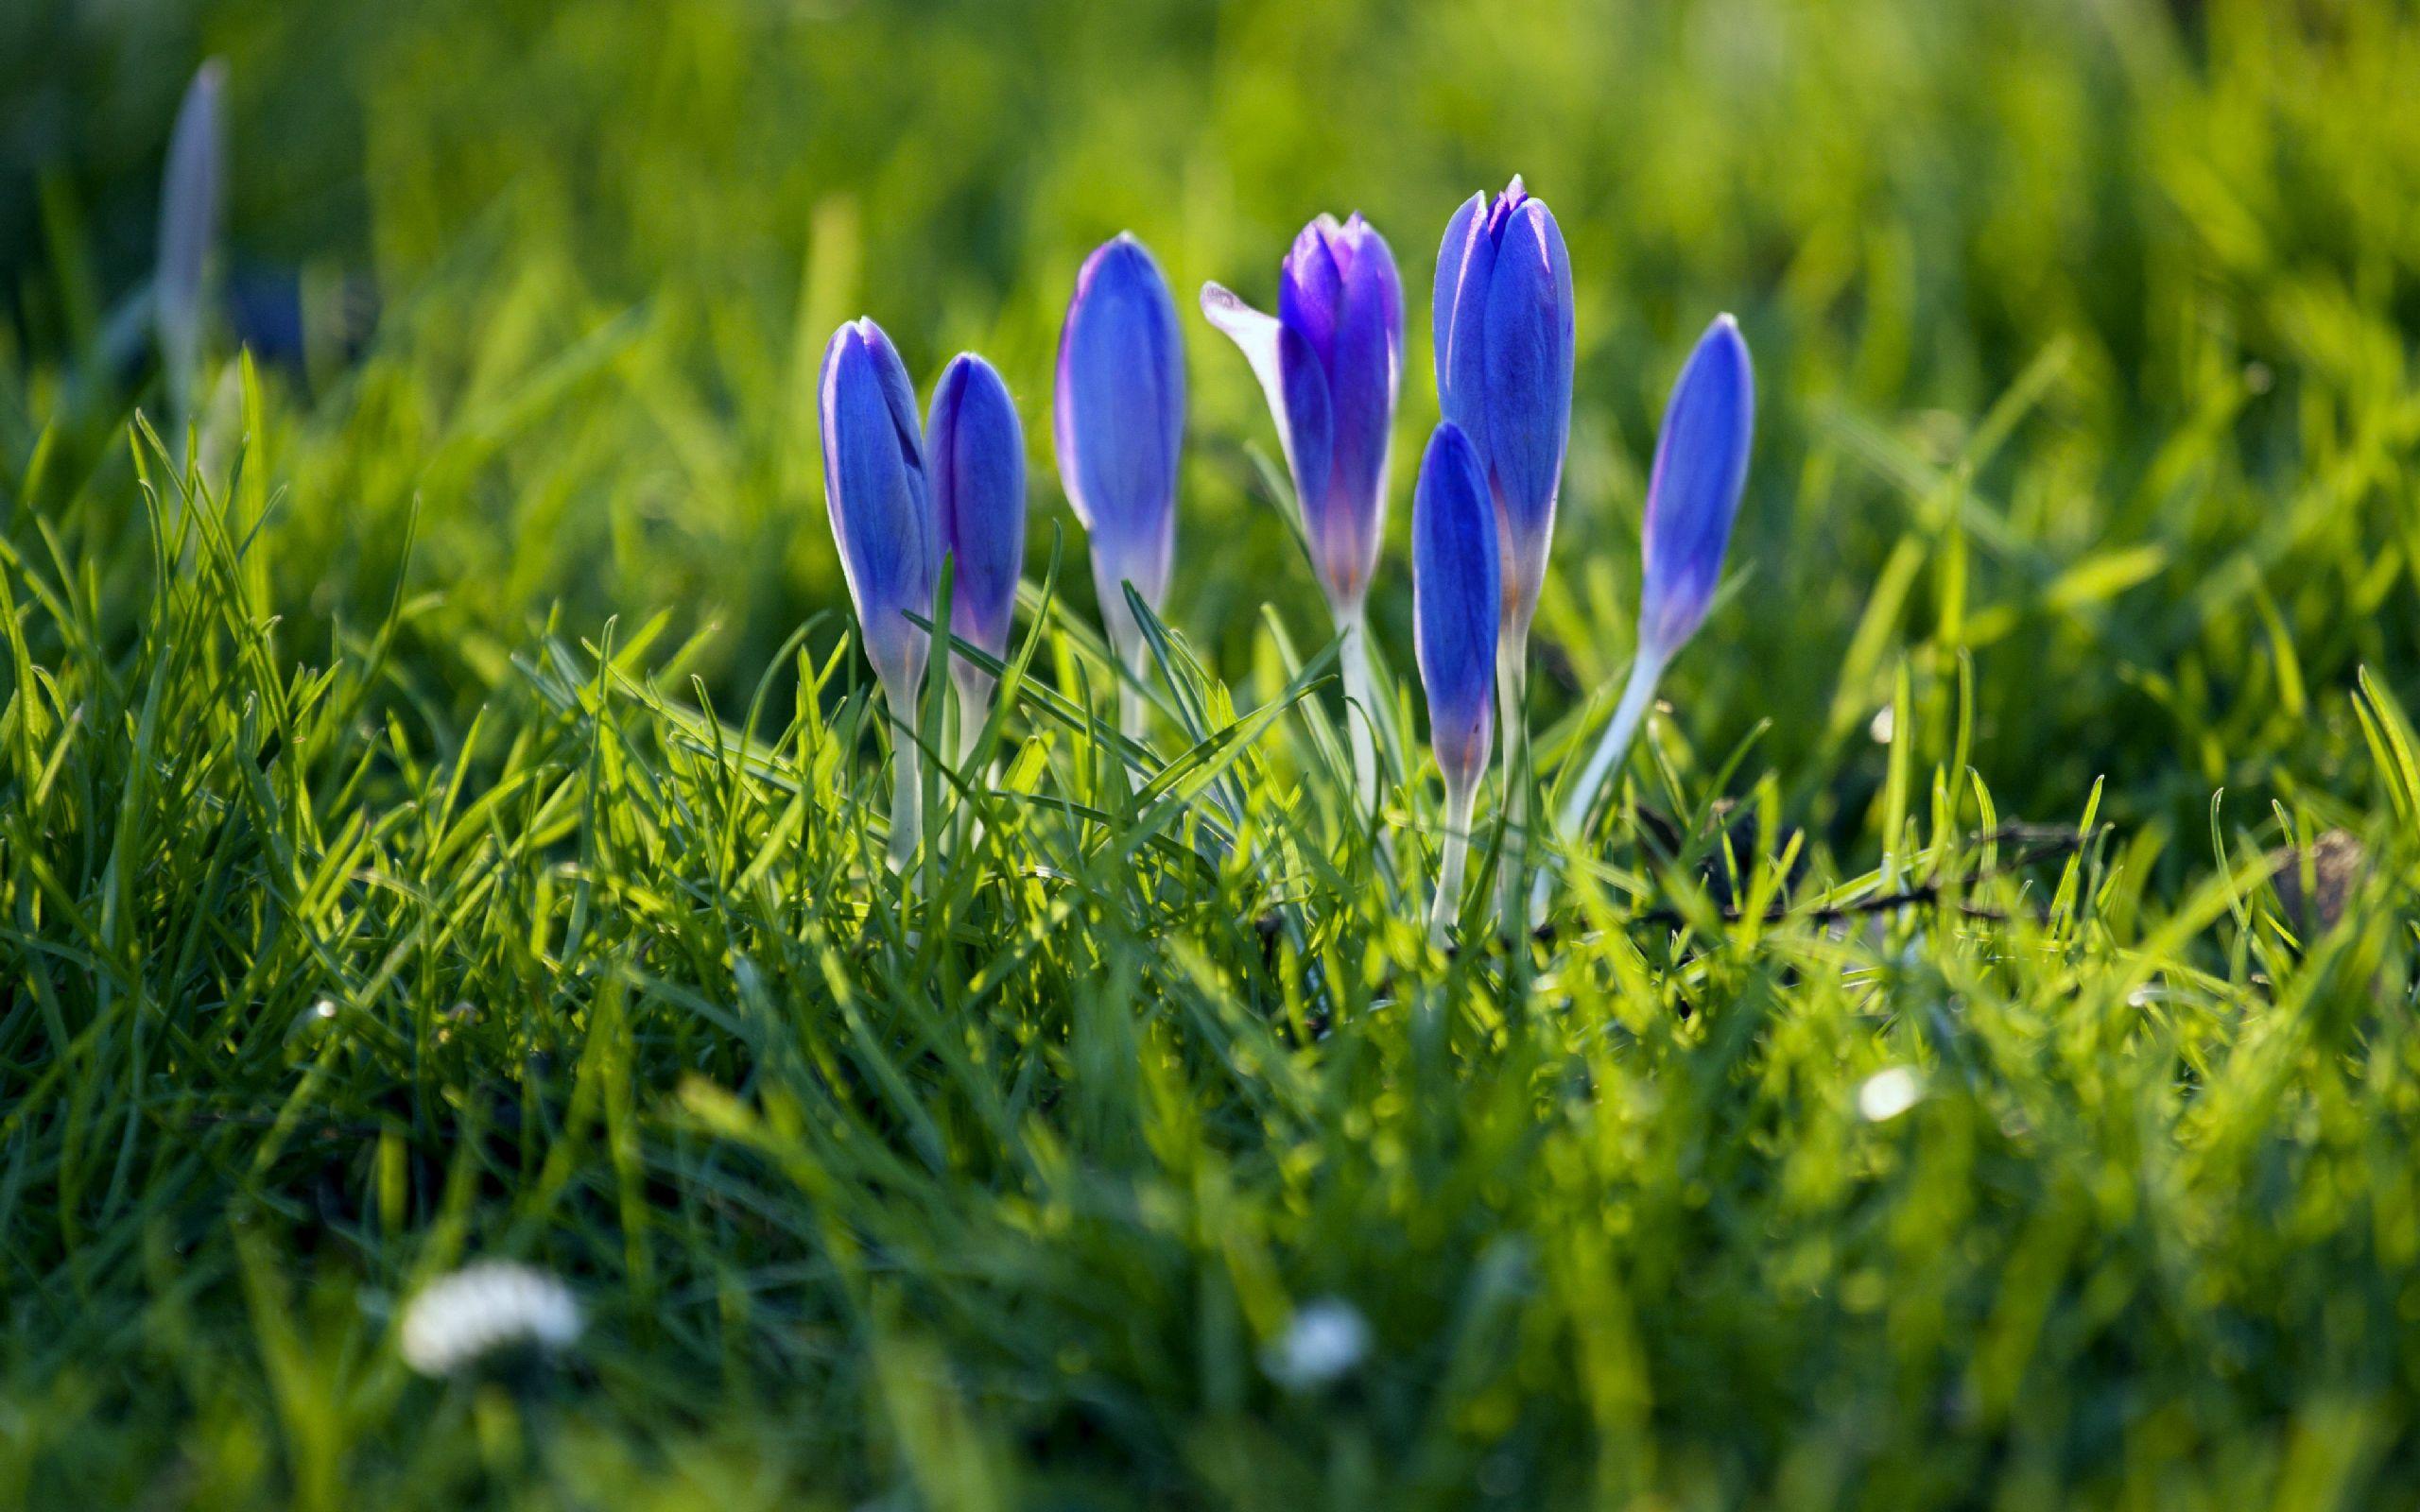 114463 Заставки и Обои Подснежники на телефон. Скачать Цветы, Подснежники, Растение, Весна картинки бесплатно